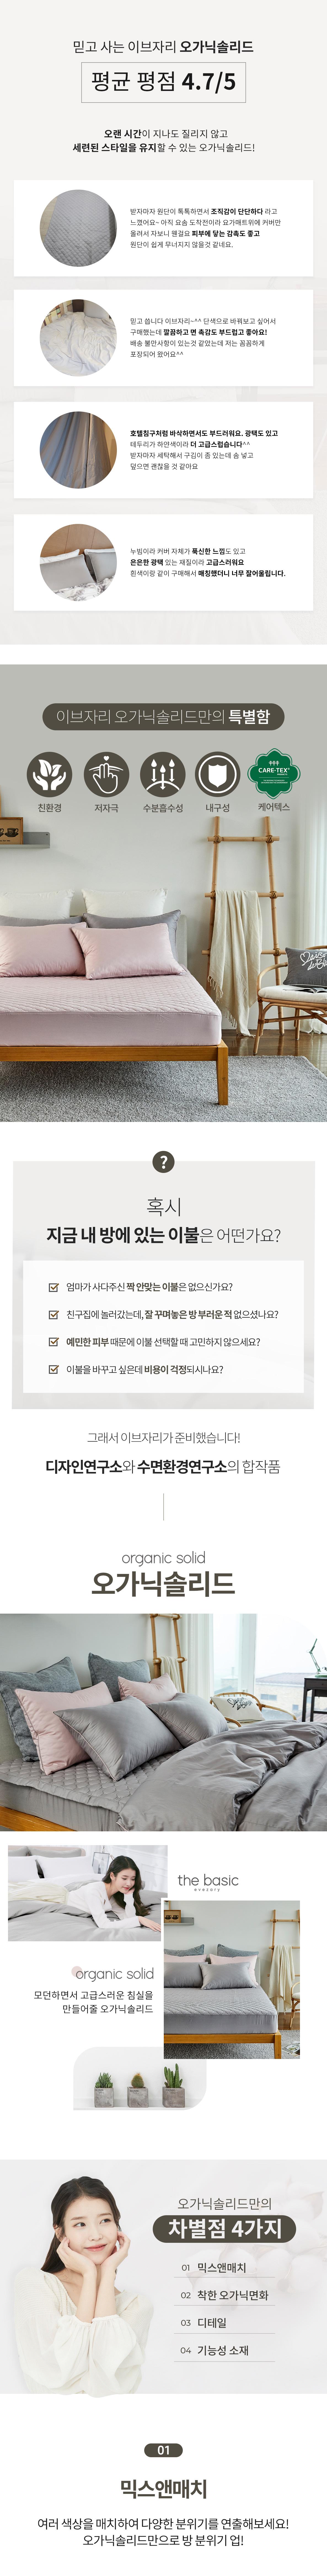 21HS리뉴얼_오가닉솔리드-매커1(수정)_02.jpg